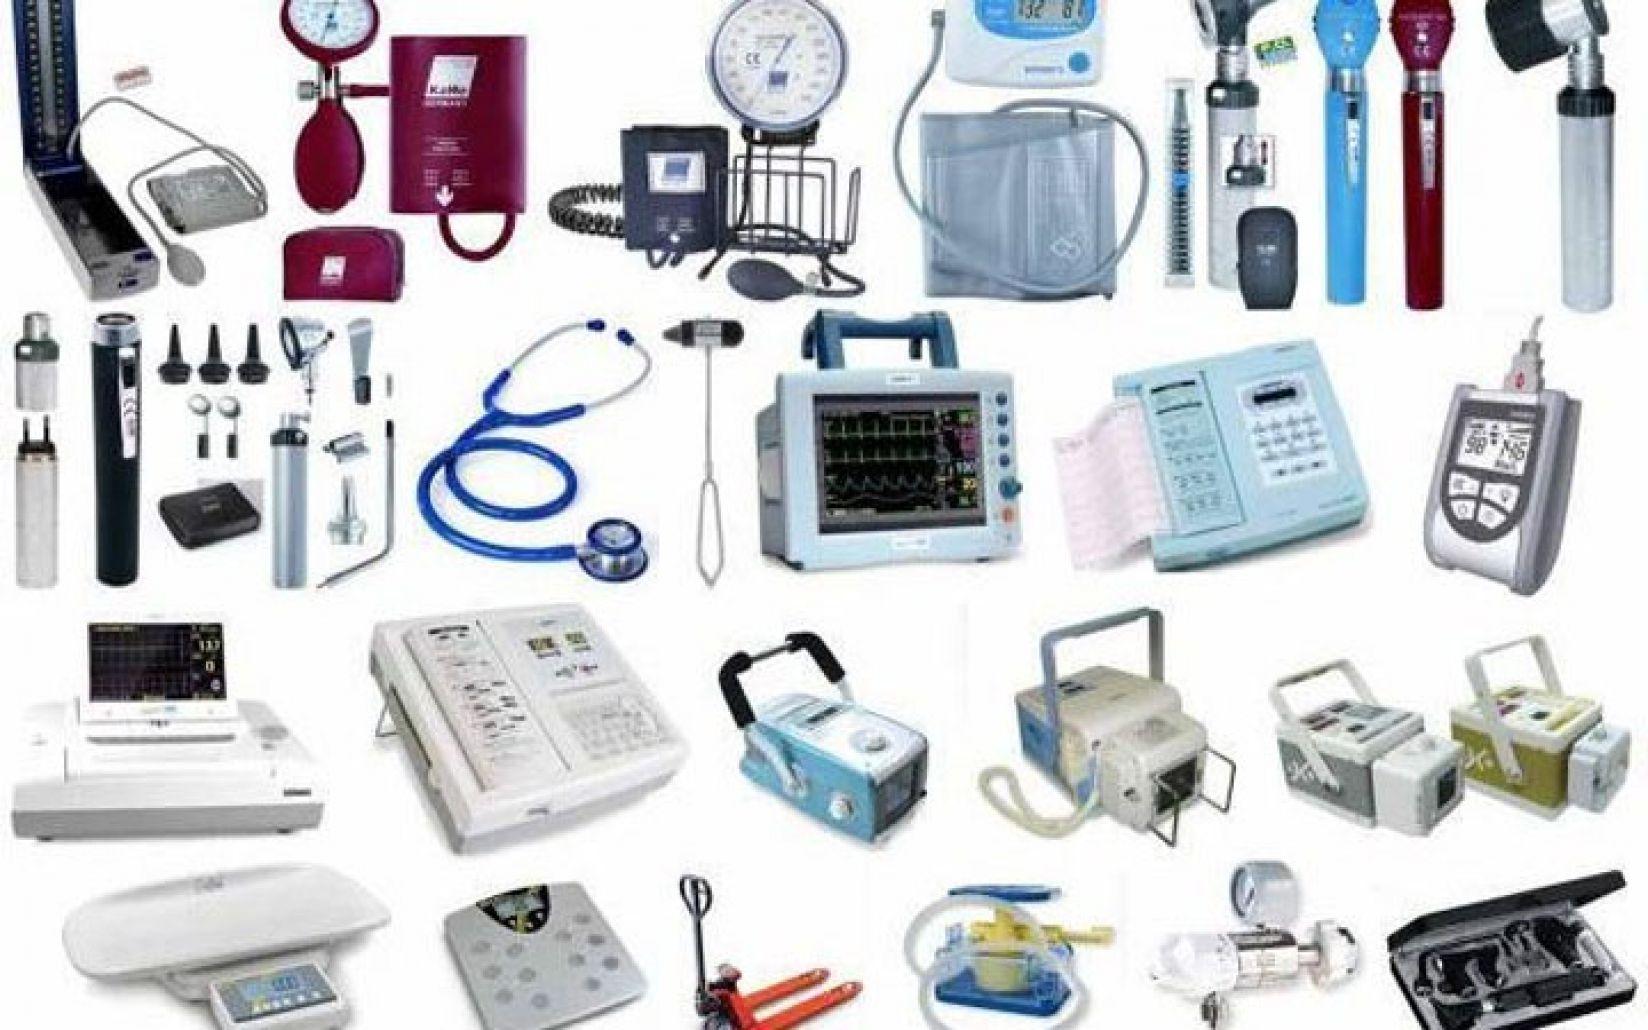 مشروع توزيع مستلزمات طبية على الصيدليات